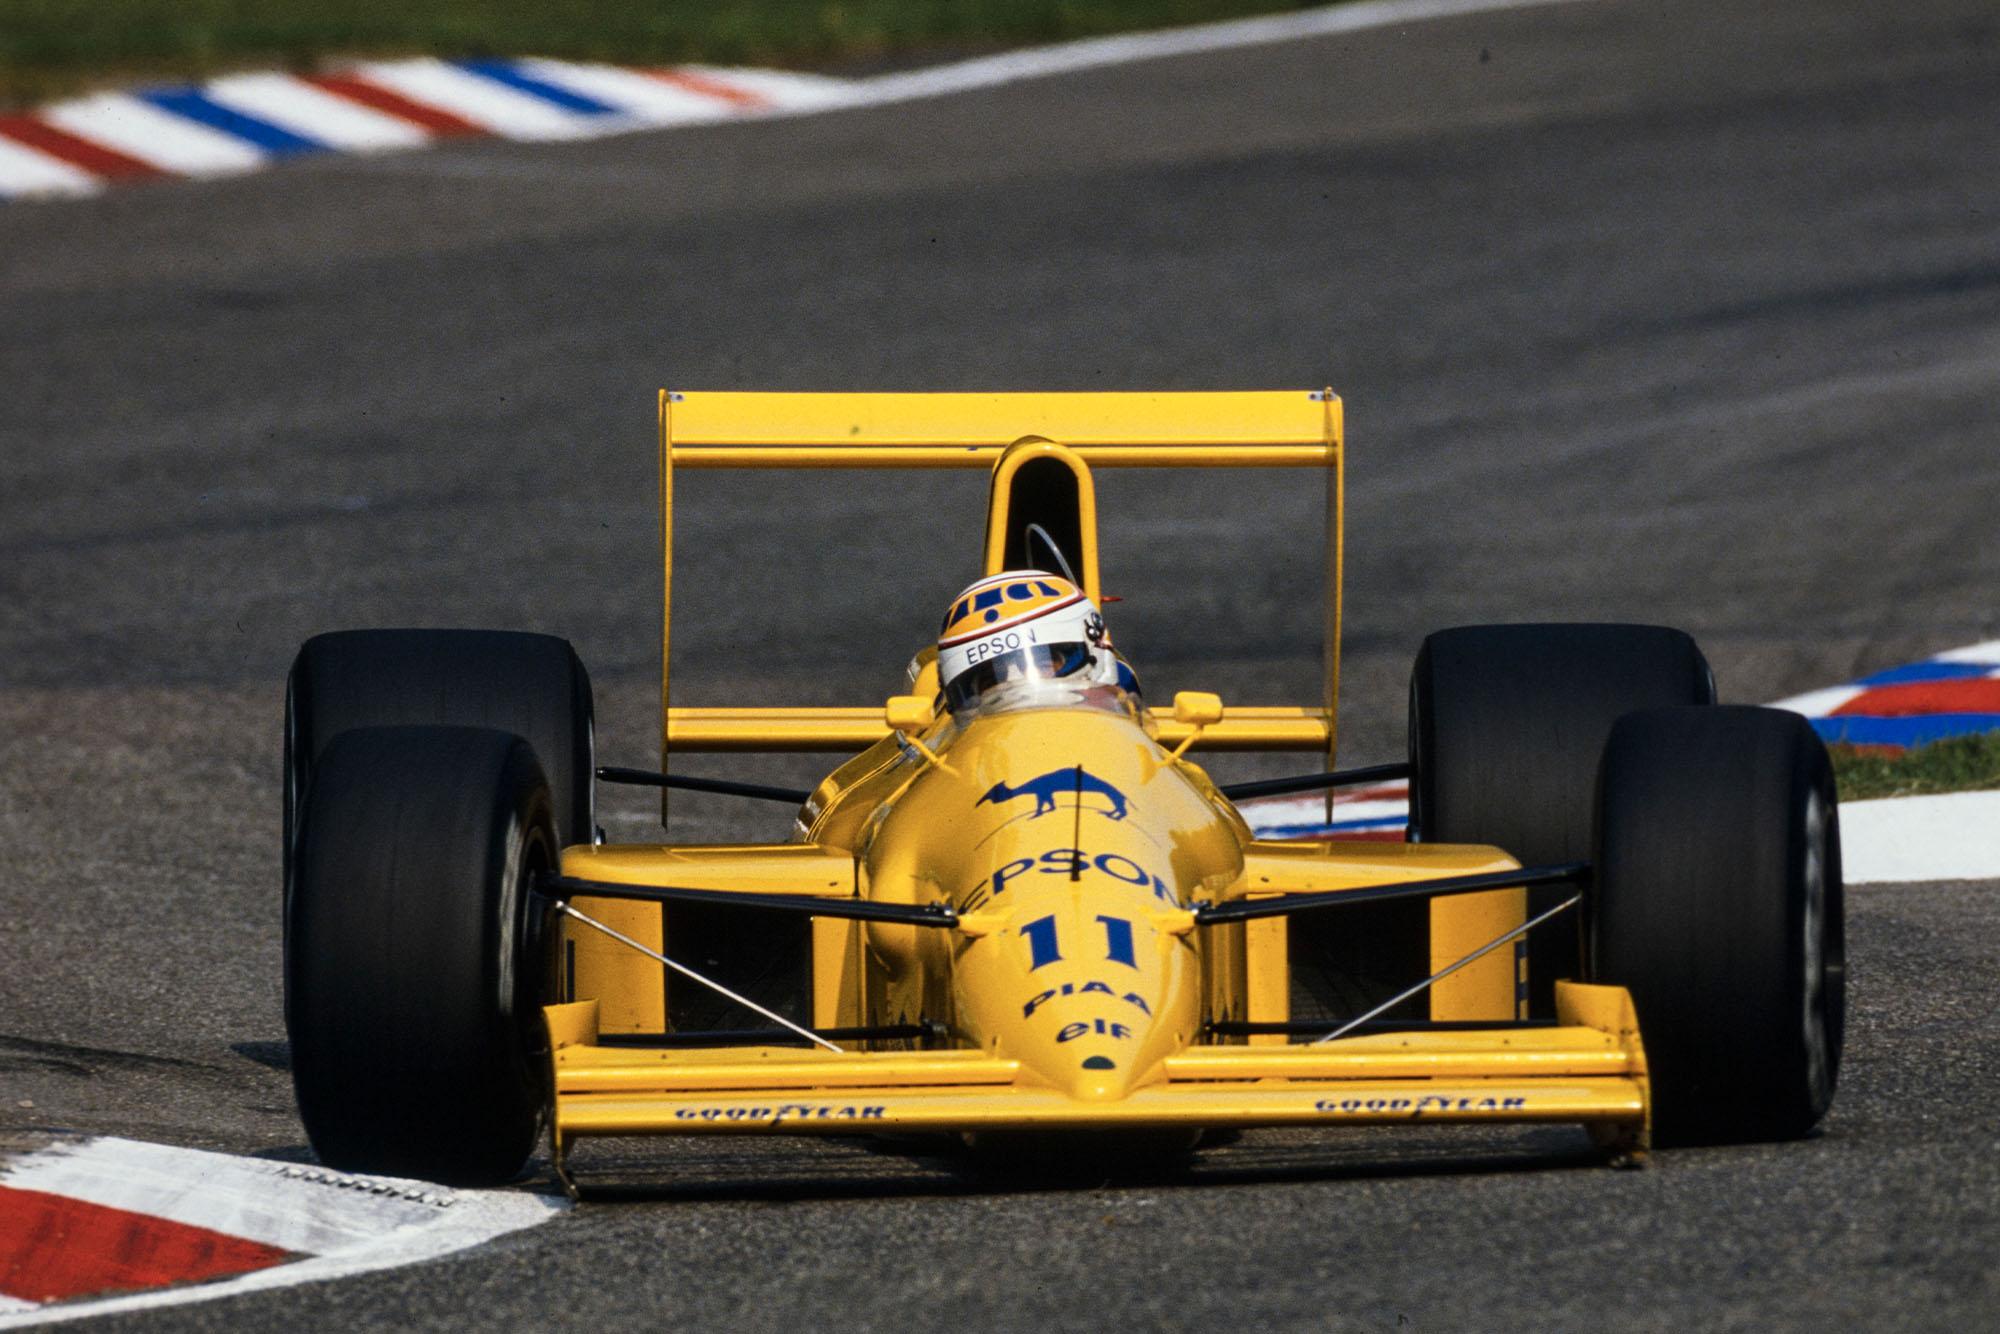 1989 GER GP PiquetR5th